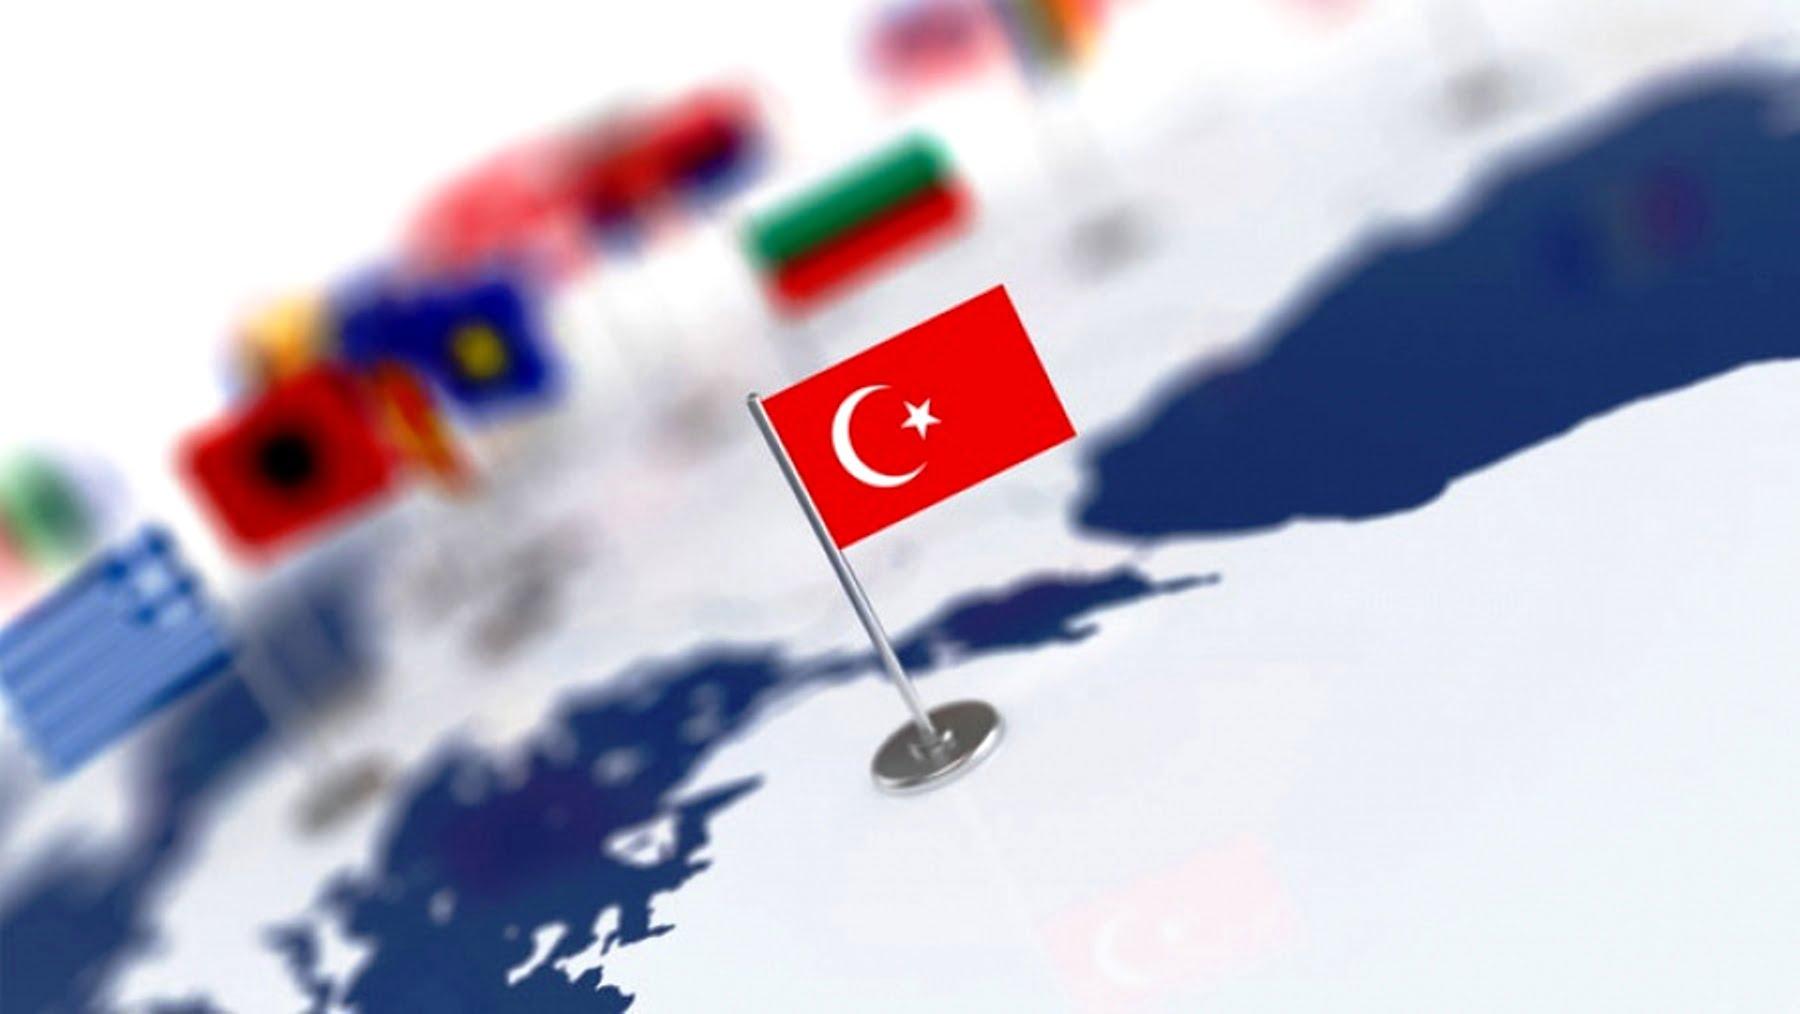 Γιατί η Τουρκία χρειάζεται μία νέα κρίση στην Μεσόγειο με την Ελλάδα